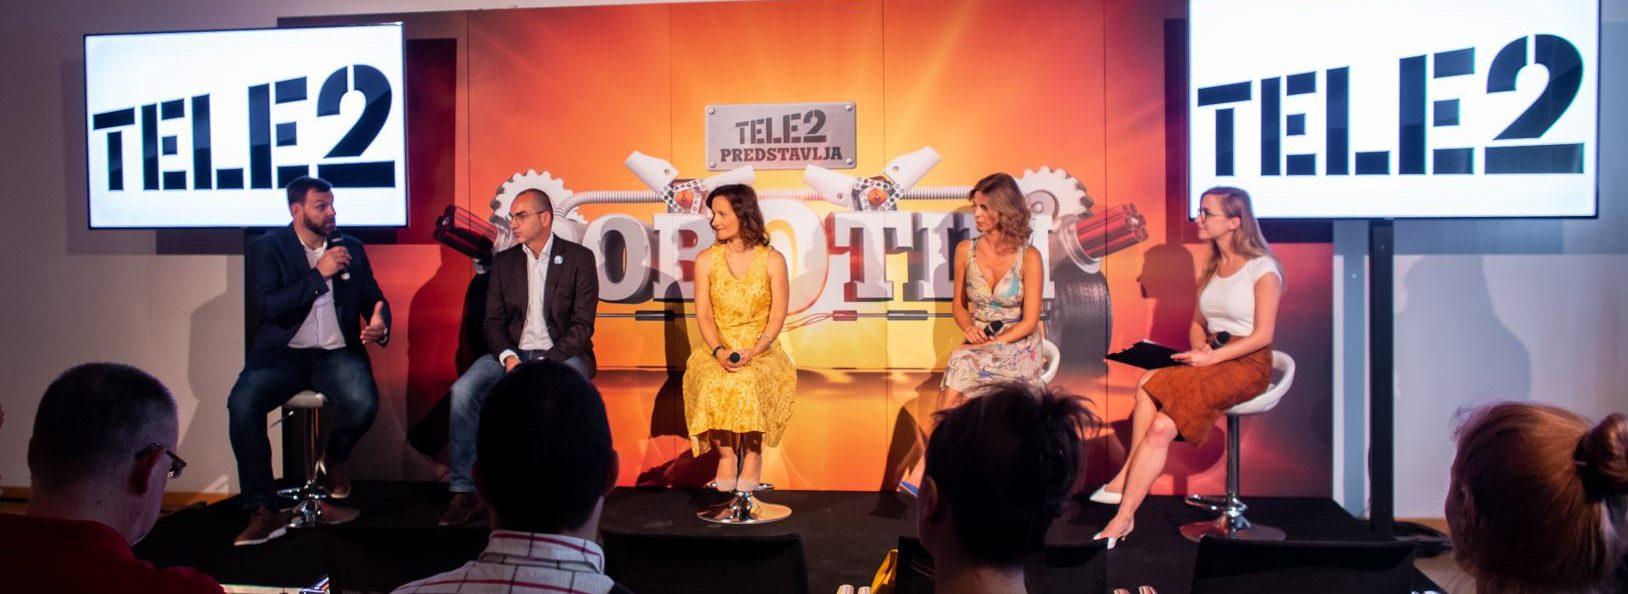 Tehnologija koja spaja obitelj u fokusu je nove kampanje Tele2